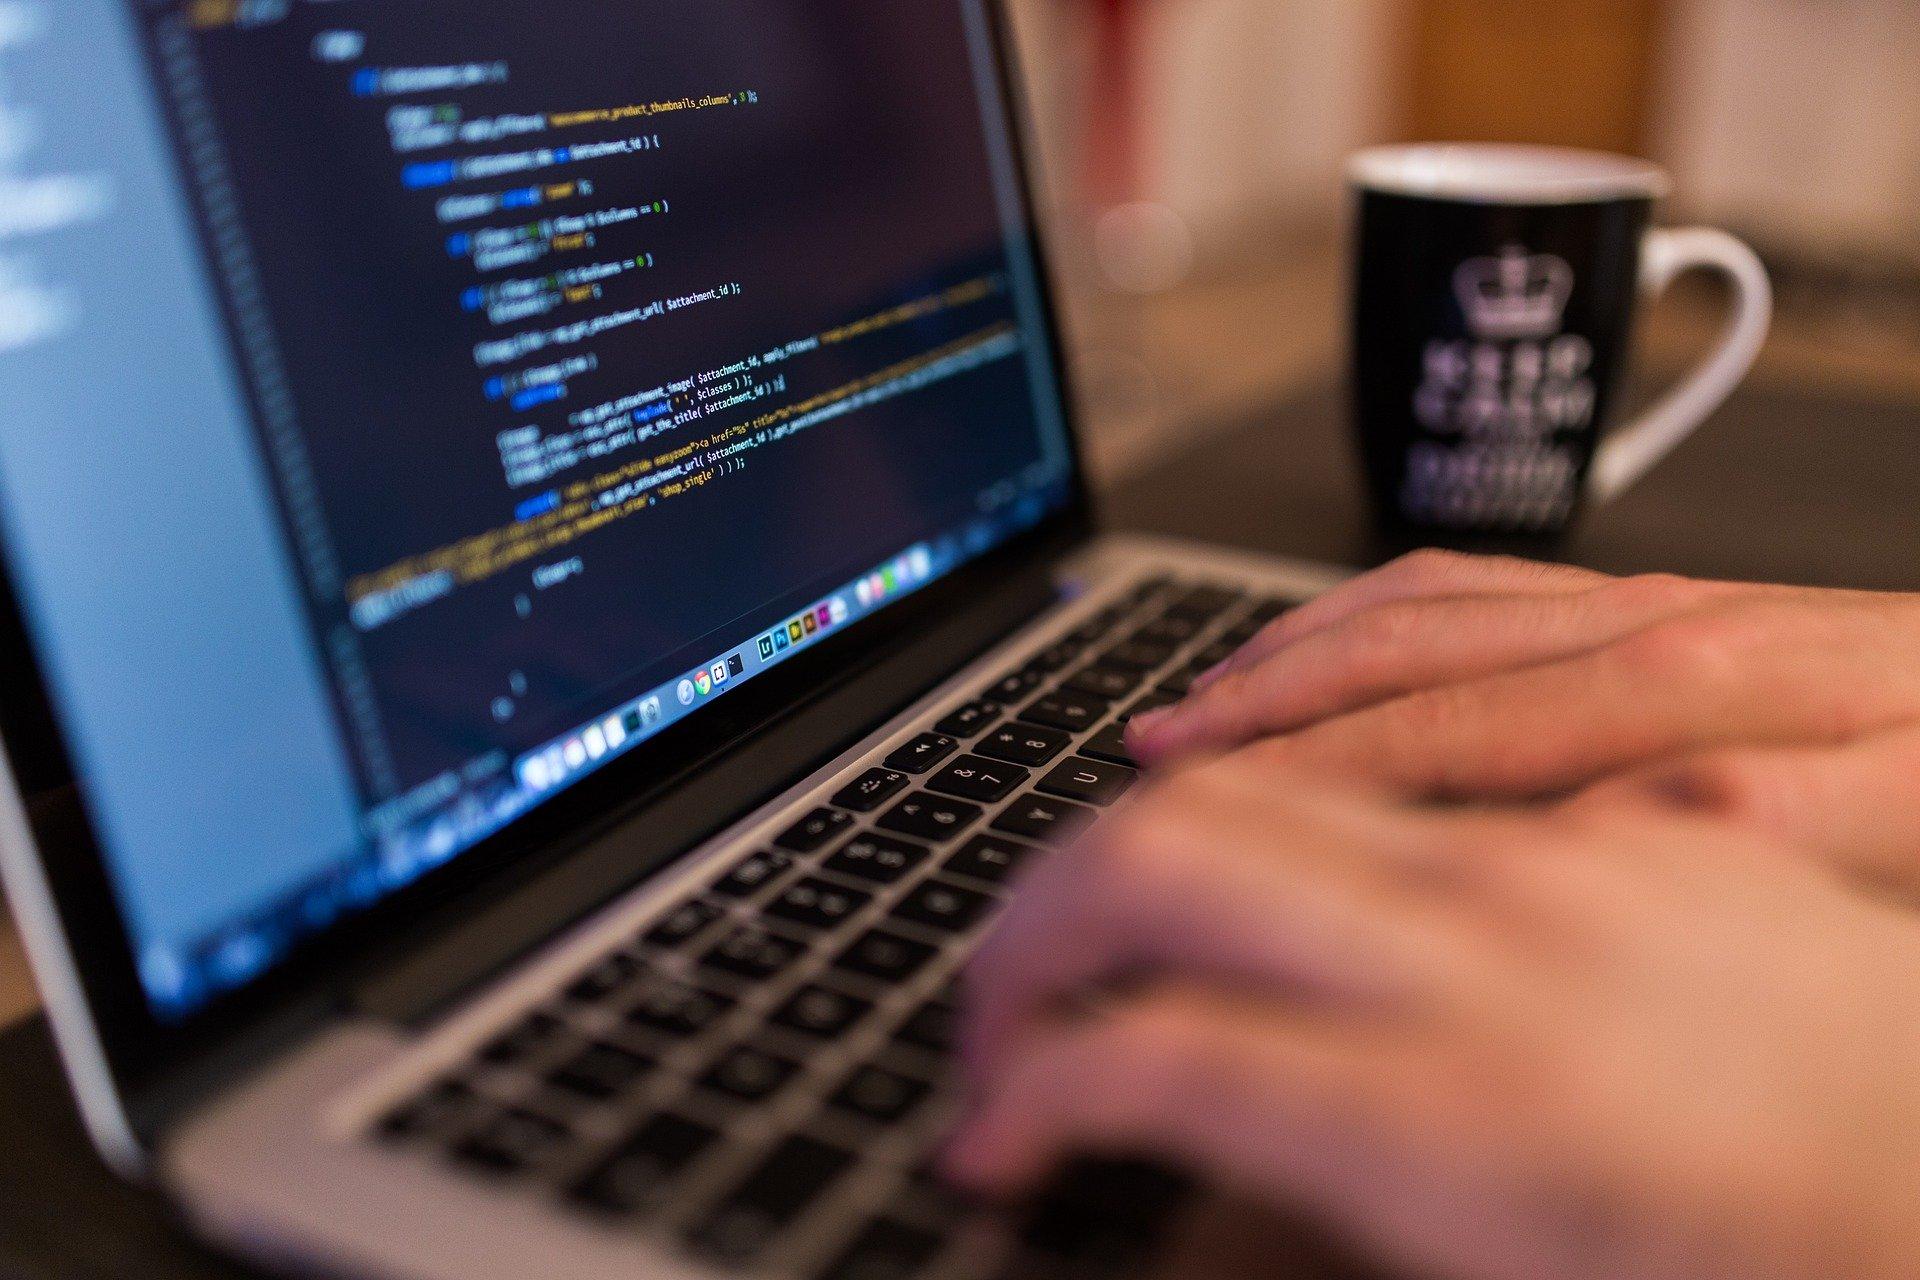 Intercambio de criptomonedas Kraken entregará 150 mil dólares de donación a desarrolladores de proyectos en Ethereum